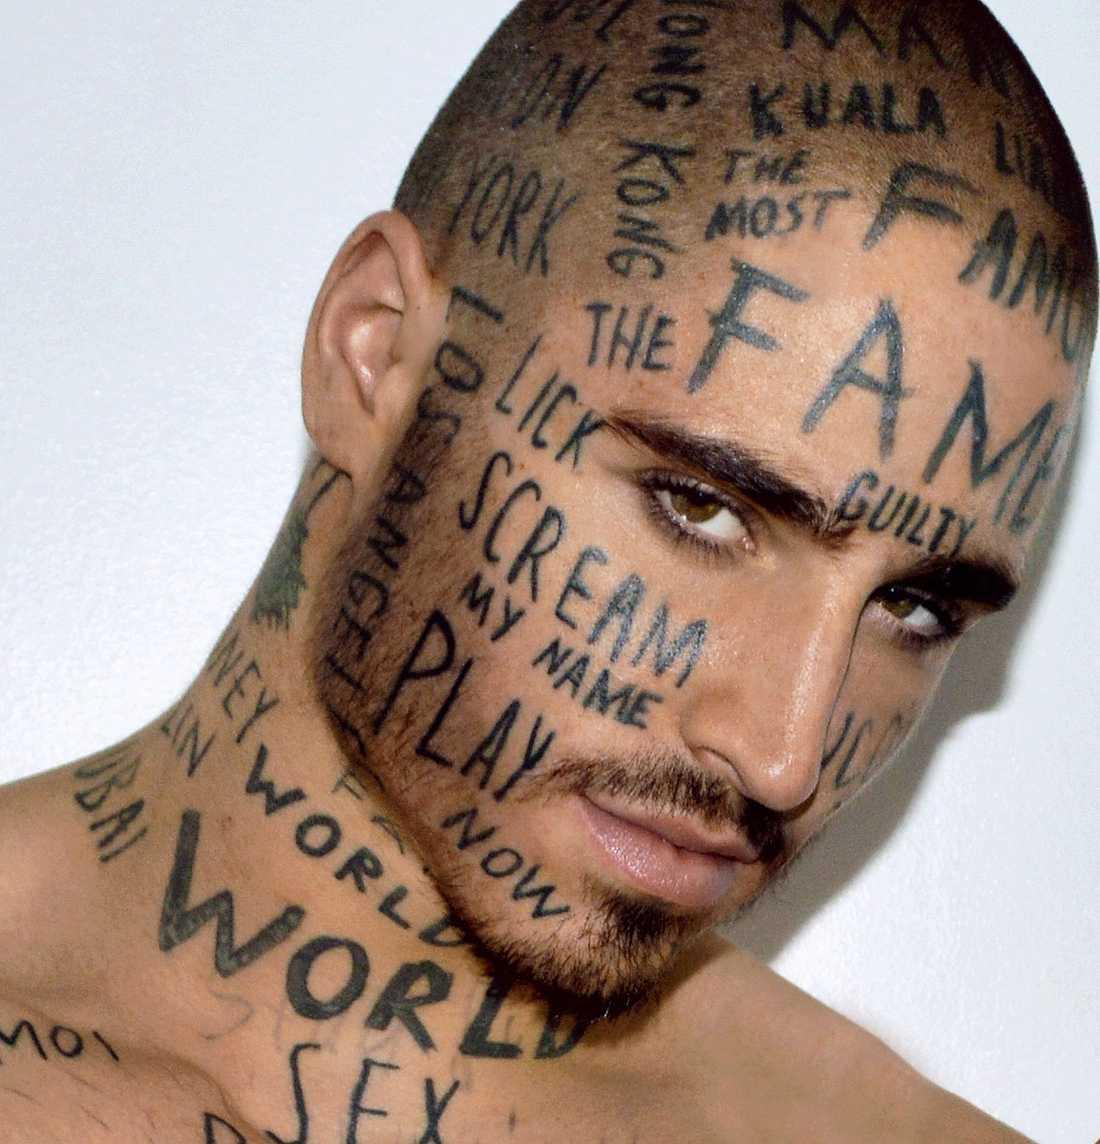 """Vin Los, 24, har 24 slumpmässigt valda ord intatuerat i hela ansiktet. """"Jag vill skapa en myt"""", säger han."""